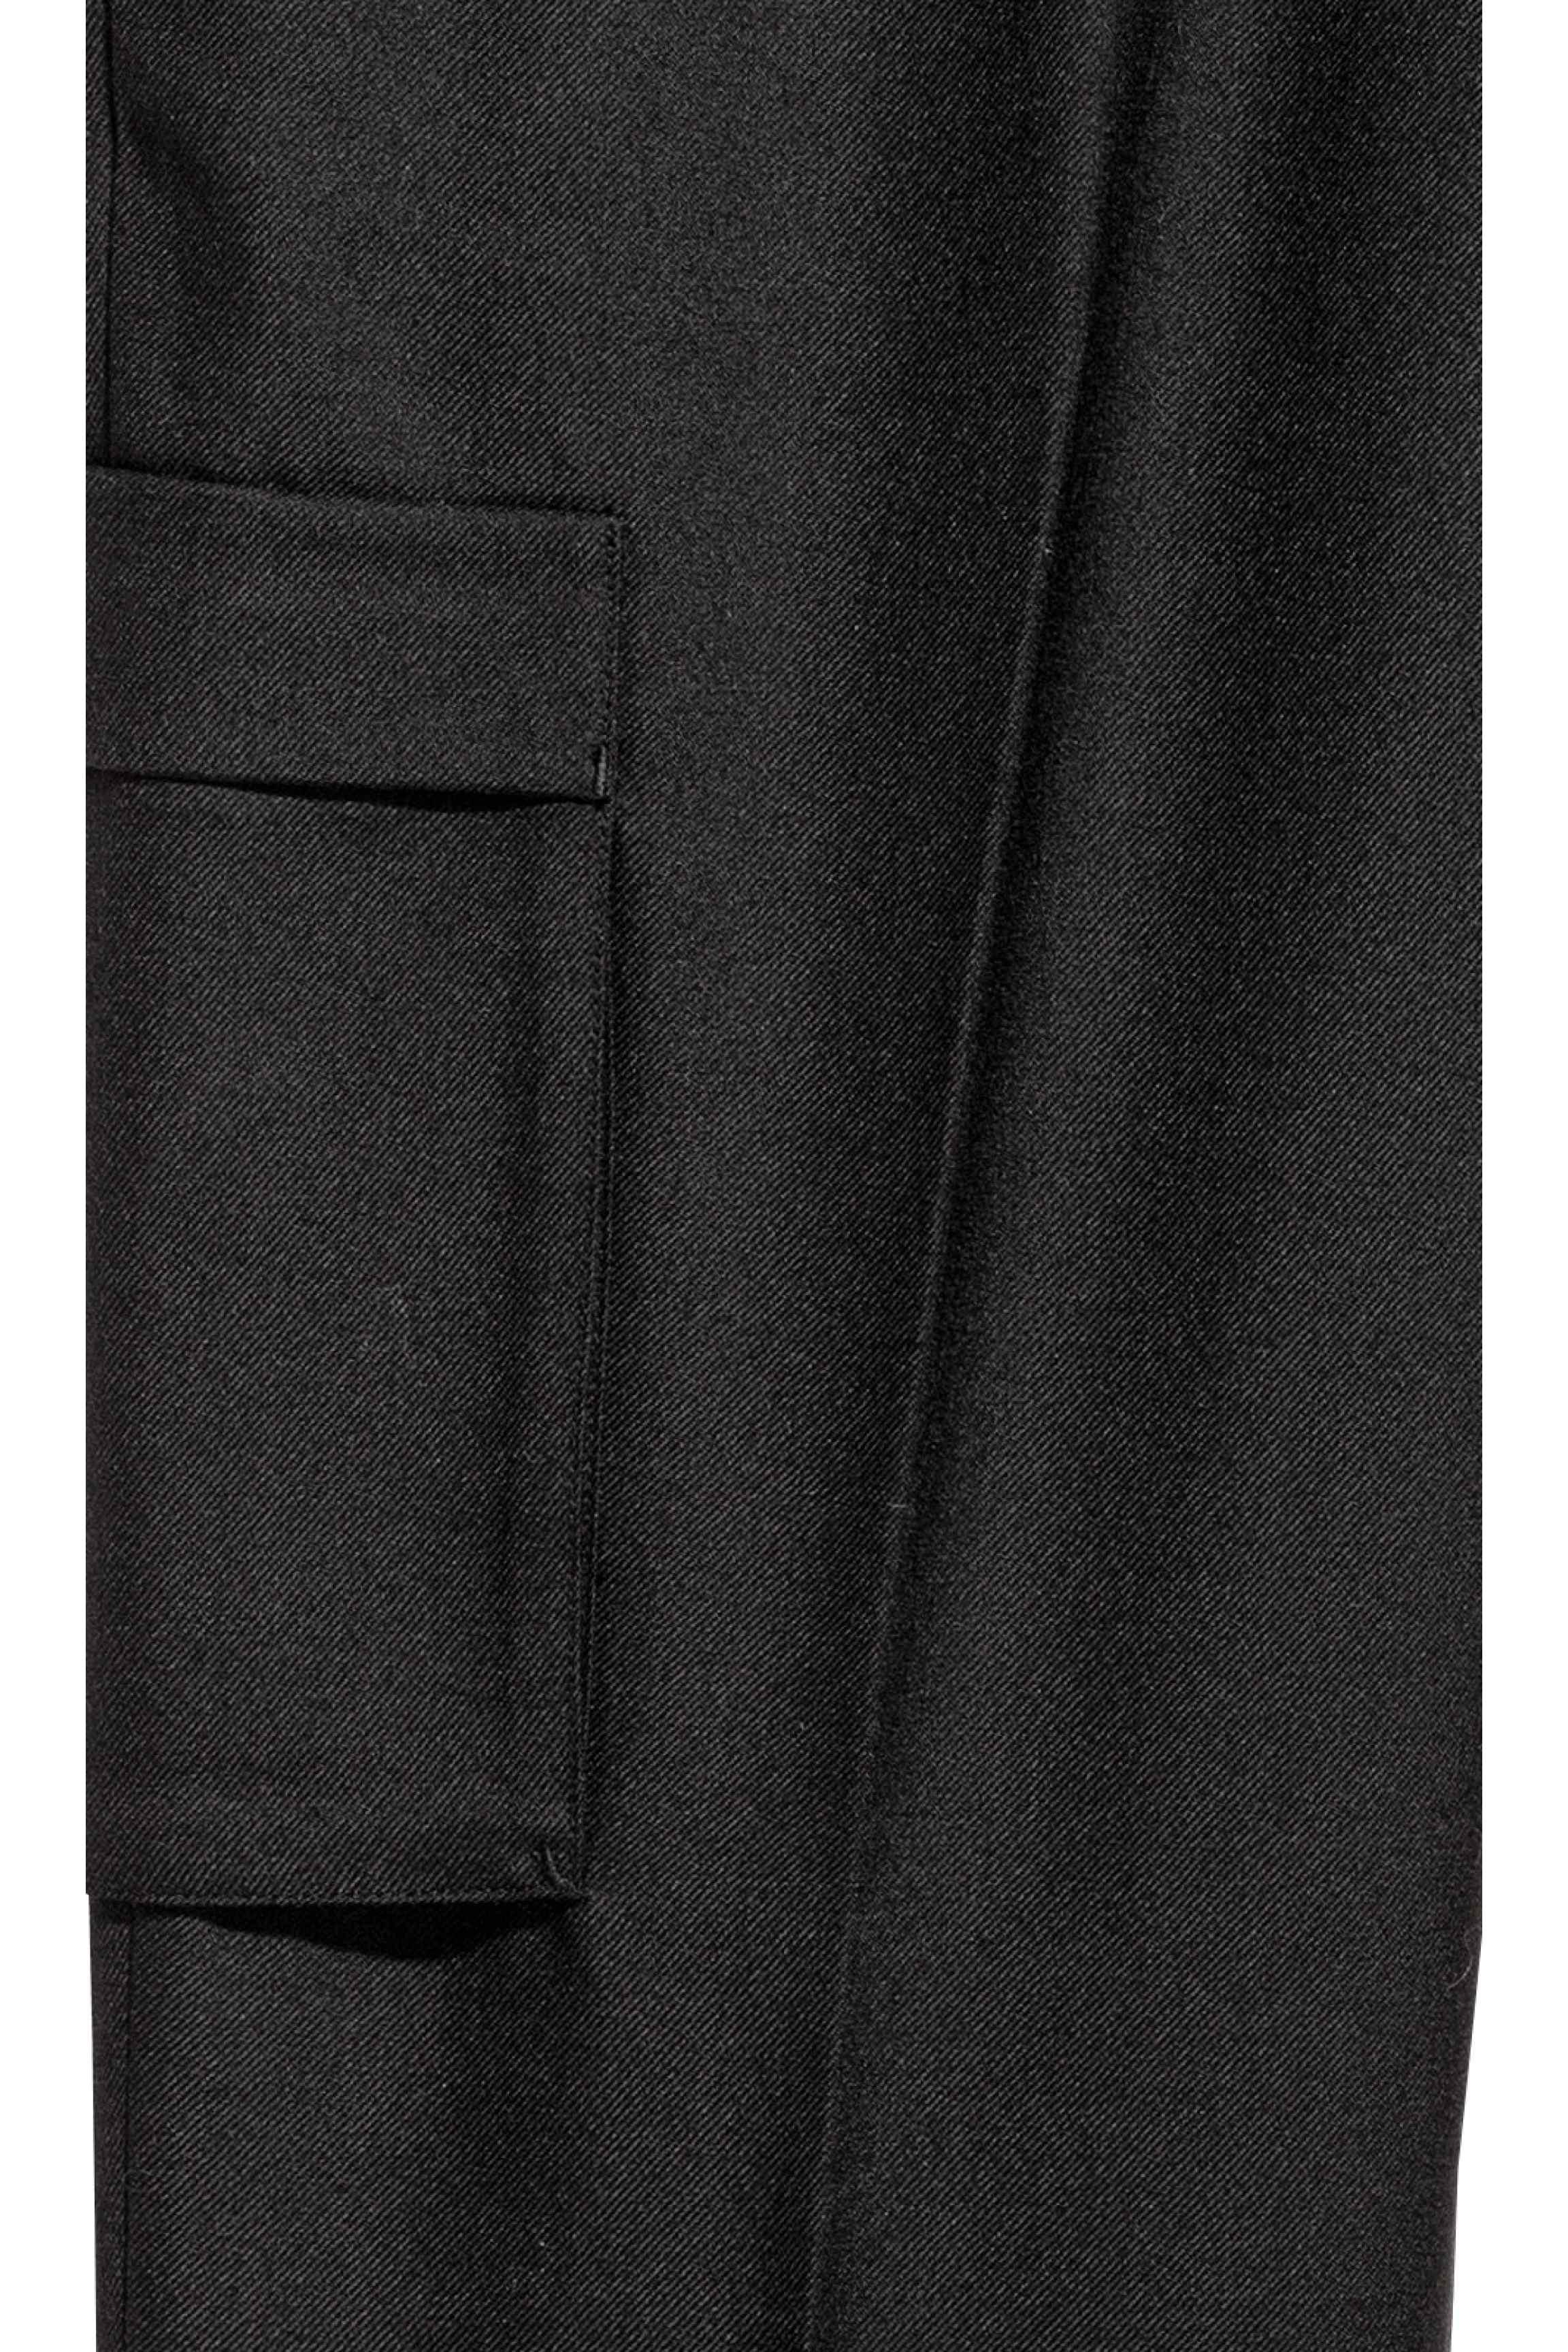 H&M Wool Suit Pants Slim Fit in Black for Men